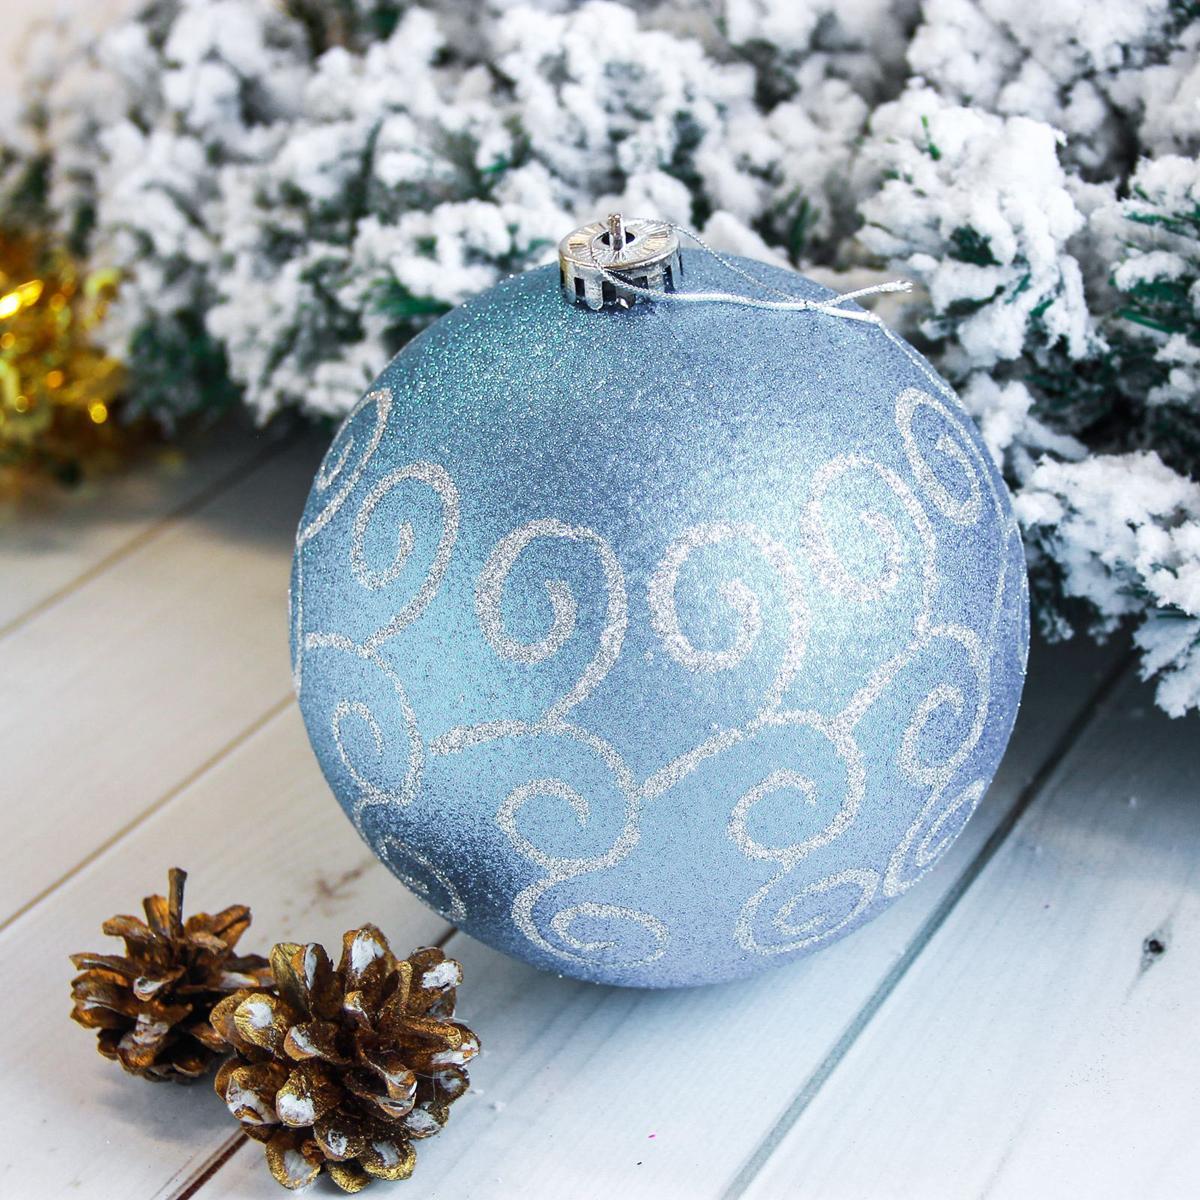 Новогоднее подвесное украшение Sima-land Мега. Узоры, диаметр 15 см2122921Новогоднее подвесное украшение Sima-land отлично подойдет для декорации вашего дома и новогодней ели. Новогоднее украшение можно повесить в любом понравившемся вам месте. Но, конечно, удачнее всего оно будет смотреться на праздничной елке.Елочная игрушка - символ Нового года. Она несет в себе волшебство и красоту праздника. Такое украшение создаст в вашем доме атмосферу праздника, веселья и радости.